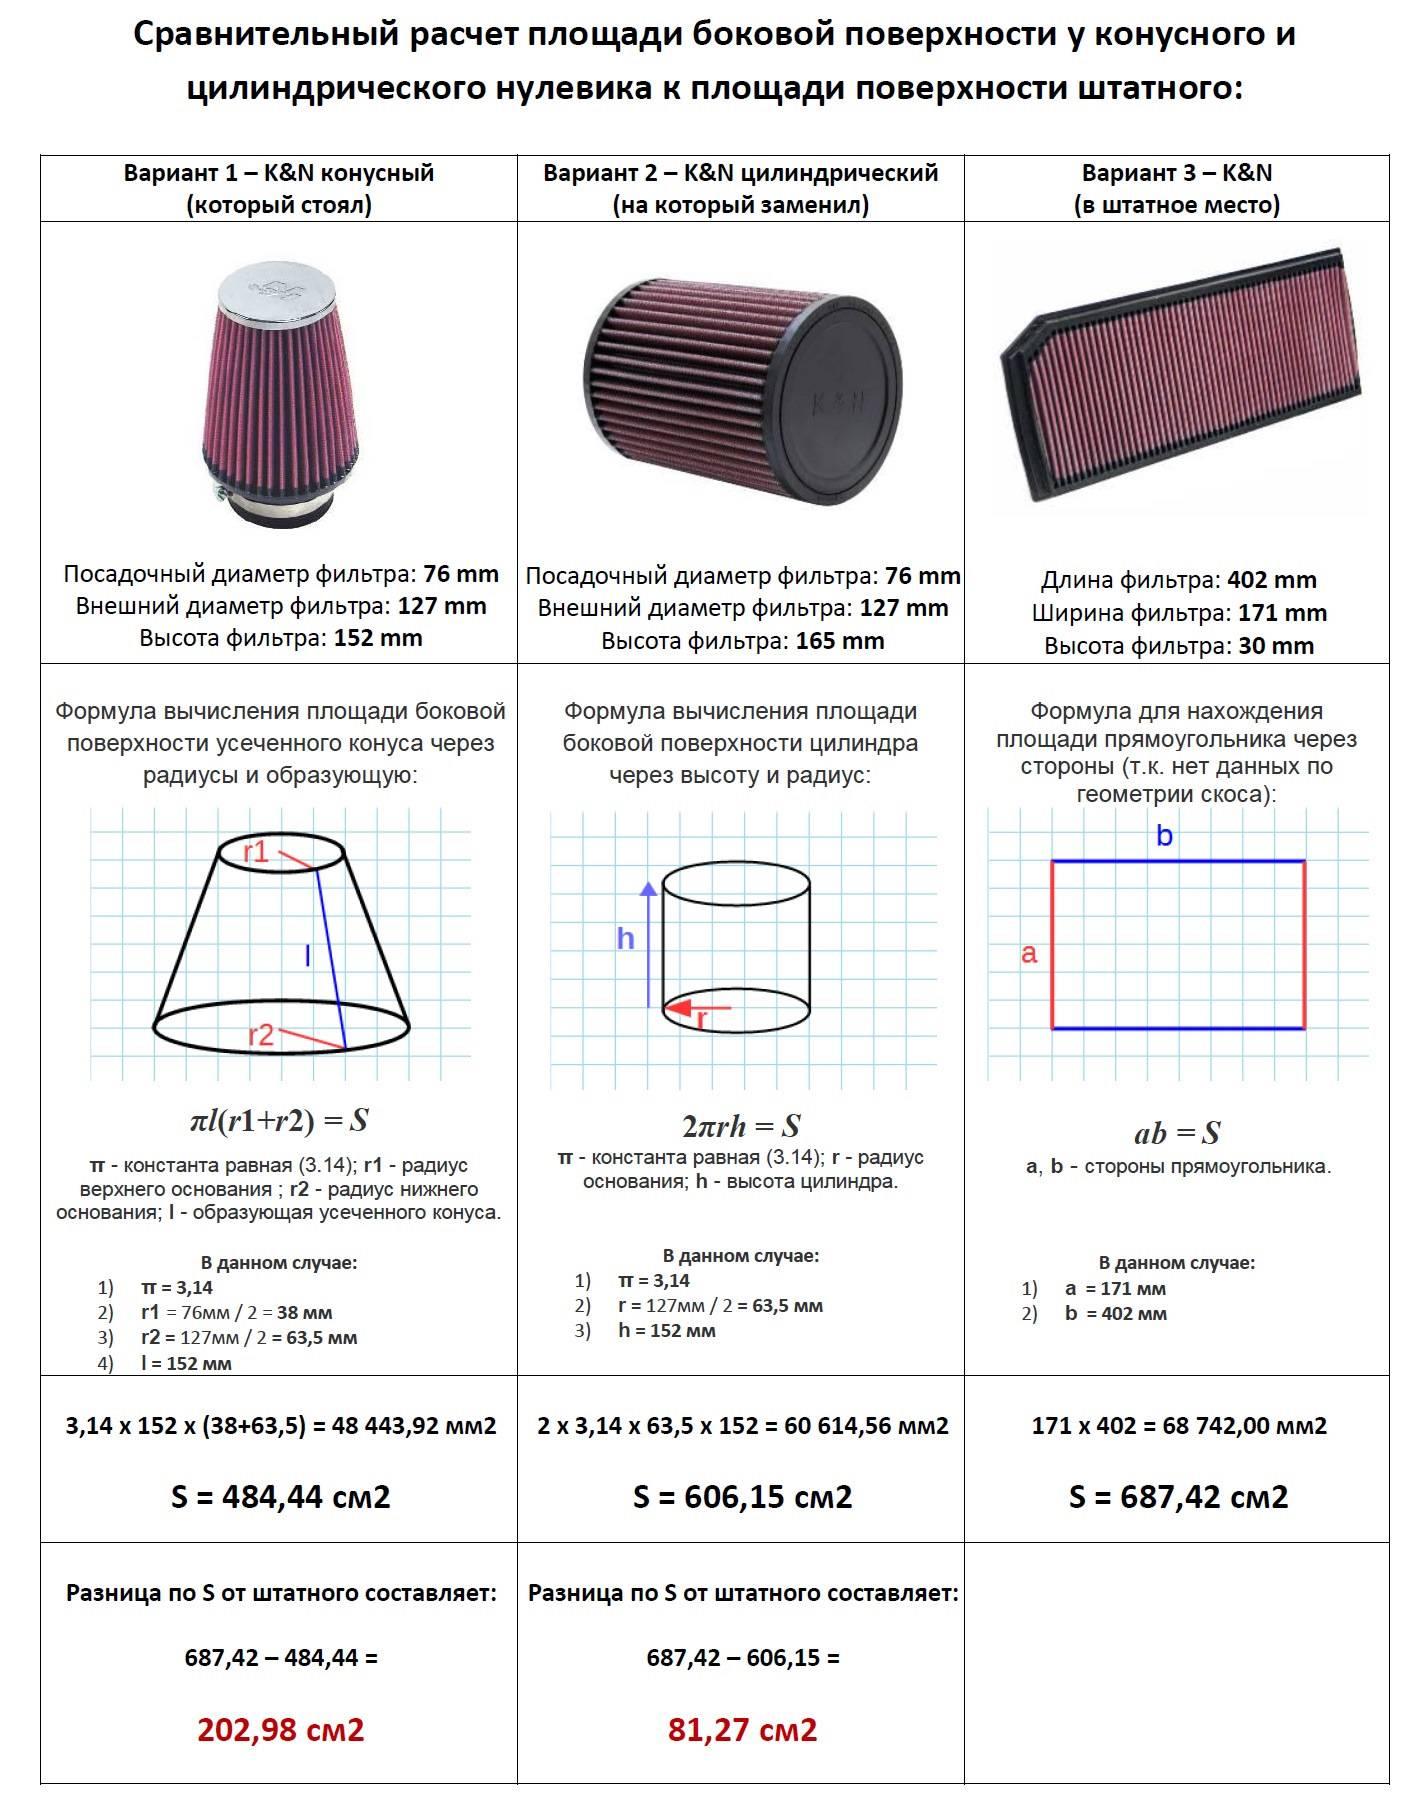 Расчет веса, массы, диаметра, объема трубы — как правильно сделать вычисления